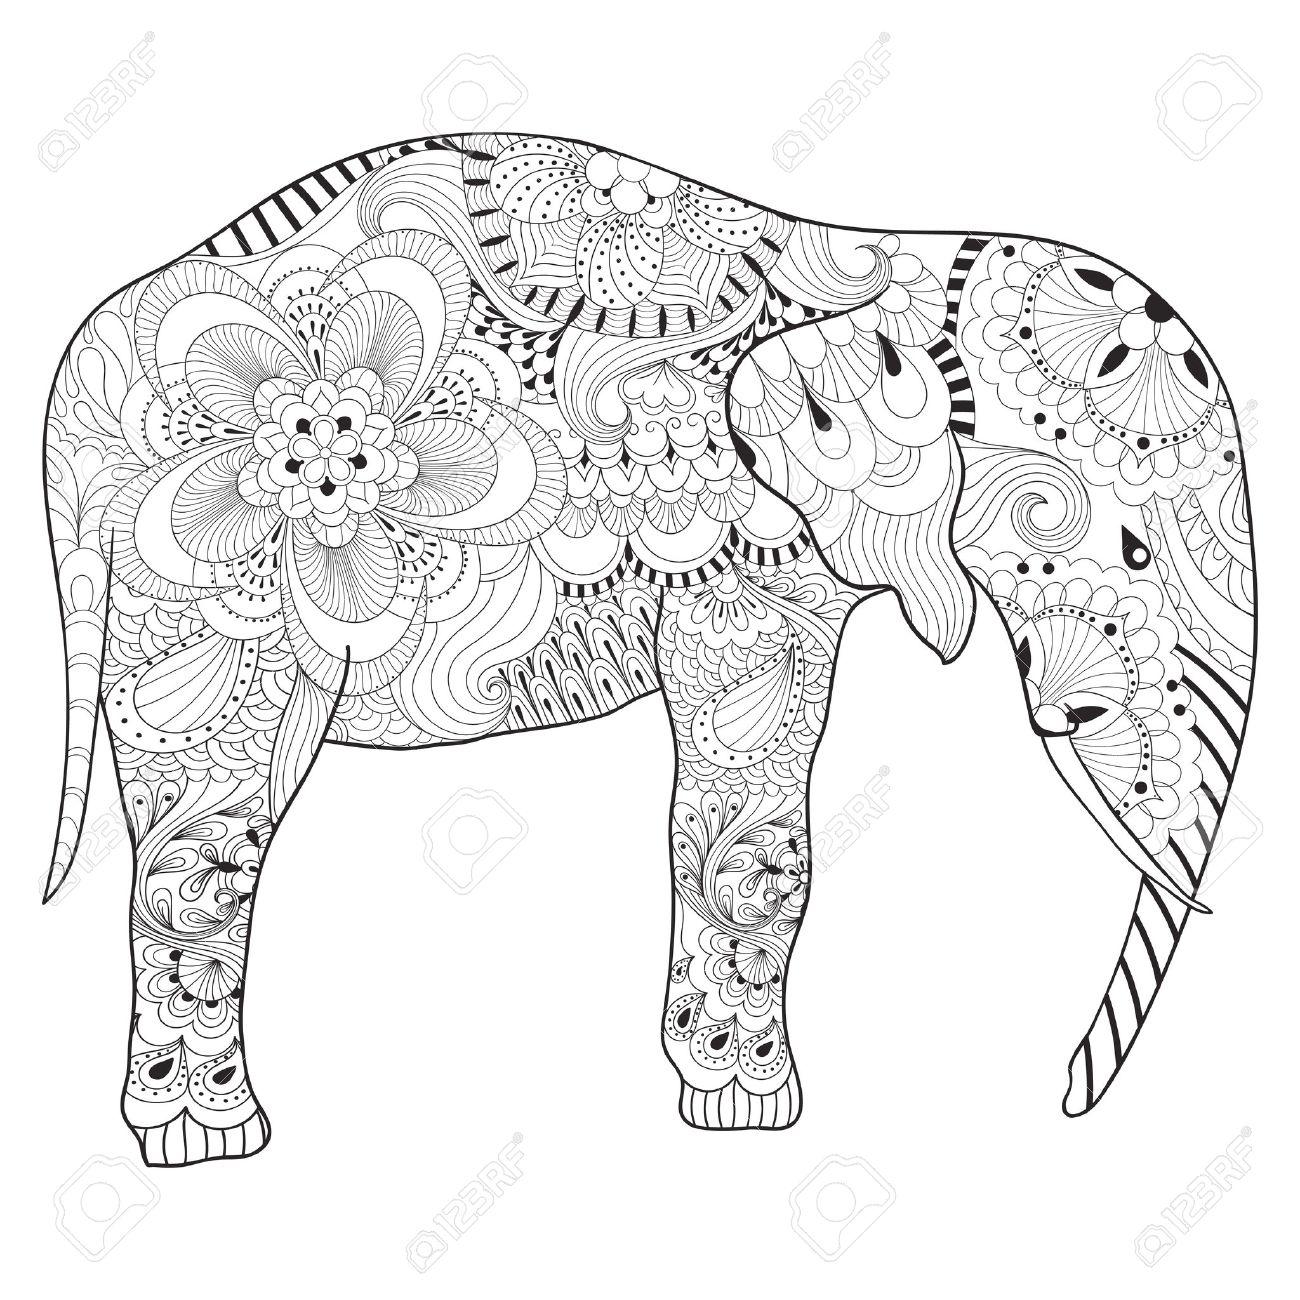 Ausgezeichnet Mama Und Baby Elefant Malvorlagen Bilder ...